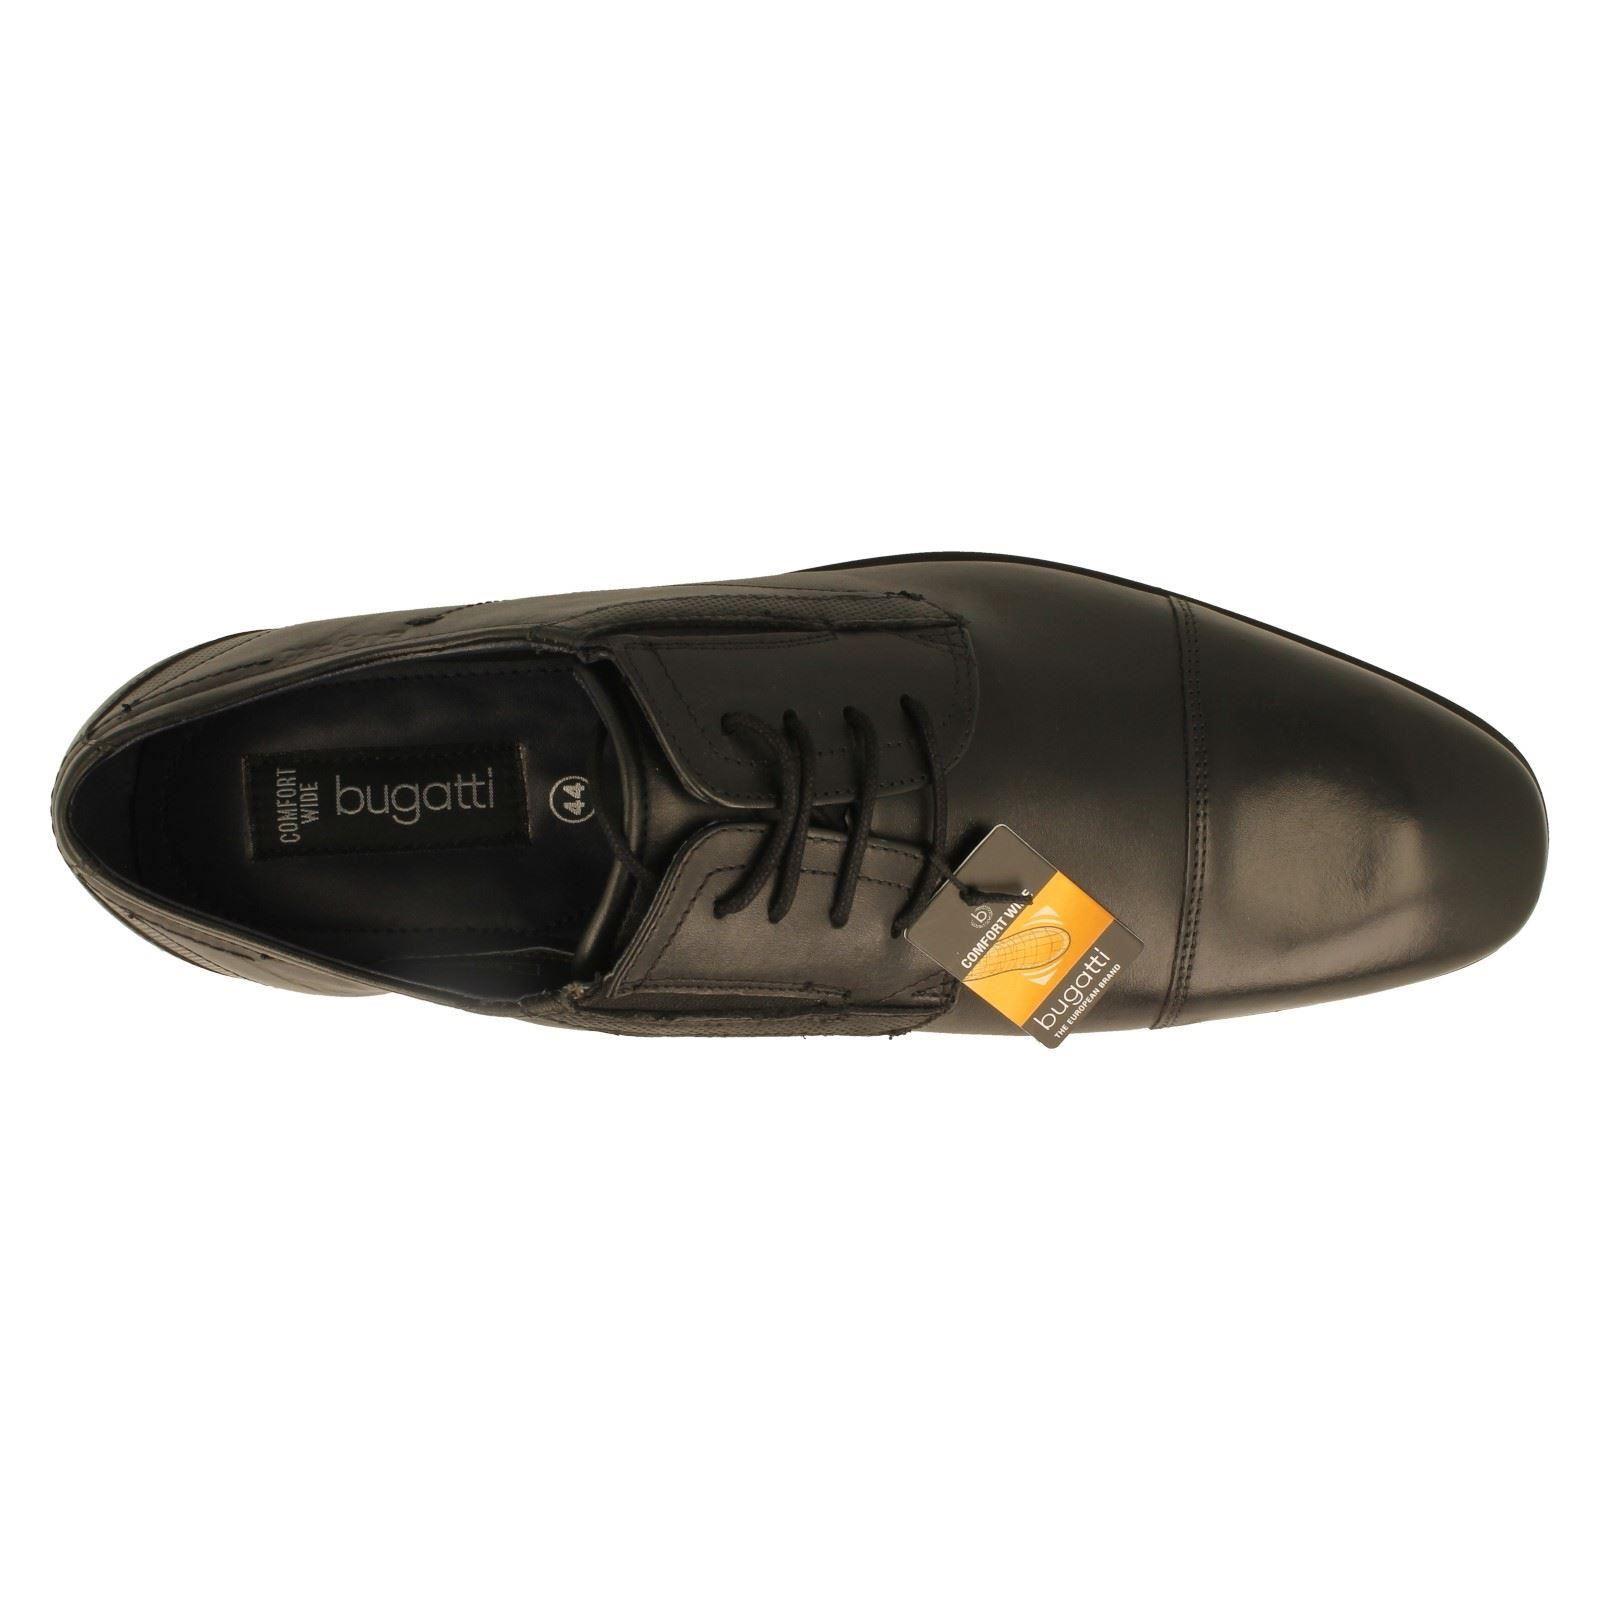 Herren Bugatti Casual Lace Up Leder Schuhes Savi Evo c3fd9d